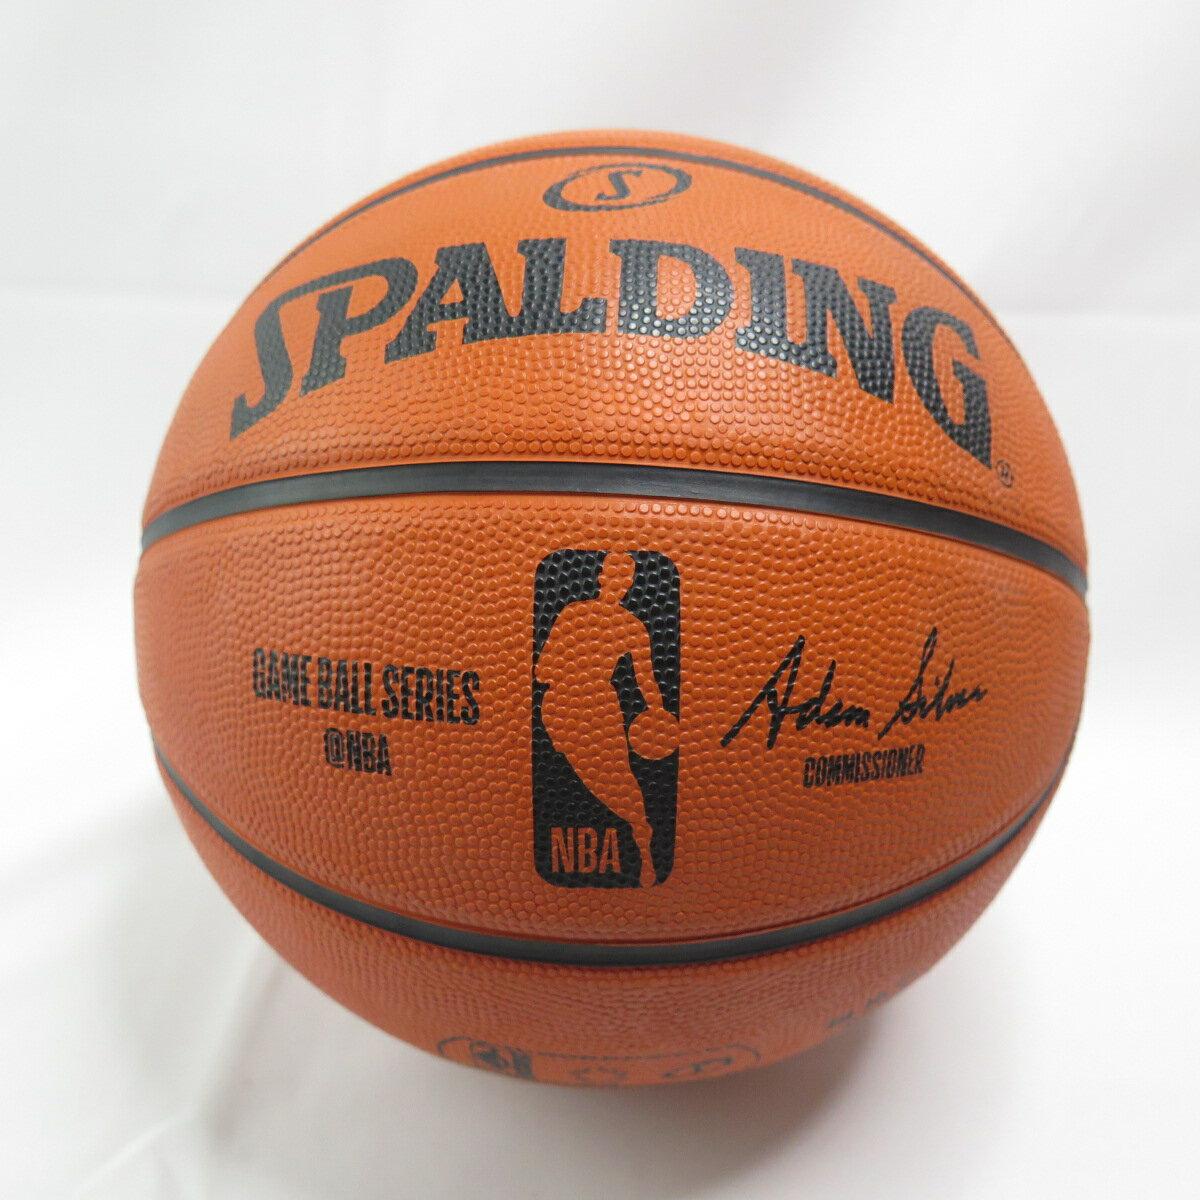 【滿額領券折$150】SPALDING NBA OFFICAL GAME BALL SERIES 七號球 SPA83385 橘【iSport】